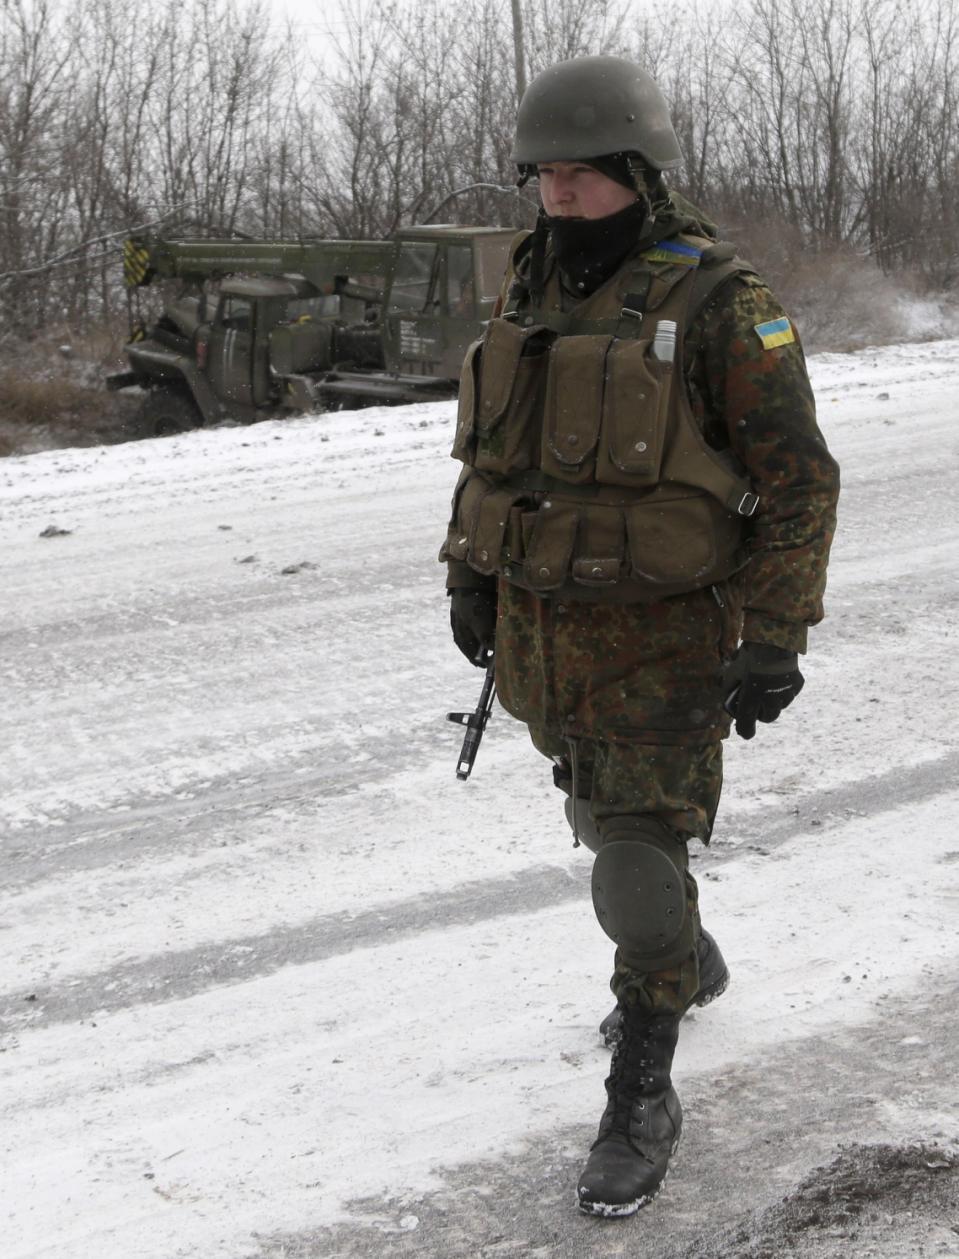 Một người lính Ukraine đi ngang qua chiếc xe tải chạy vào một con mương, gần đường giữa các thị trấn của Debaltseve và Artemivsk, Ukraine, Thứ hai 16 tháng 2, 2015